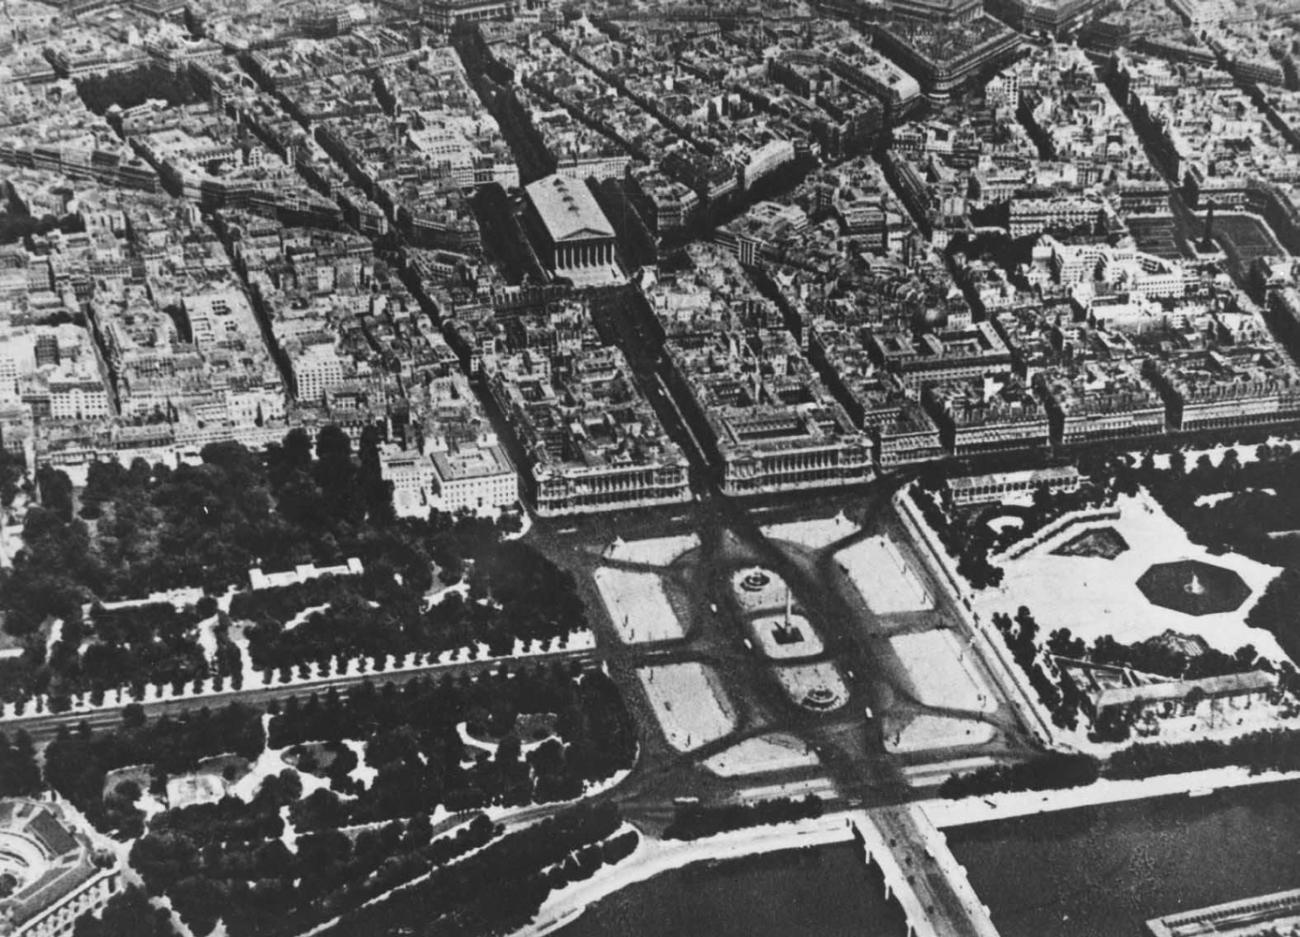 Ж. А. Габриель. Площадь Согласия в Париже. 1755 - 1763.